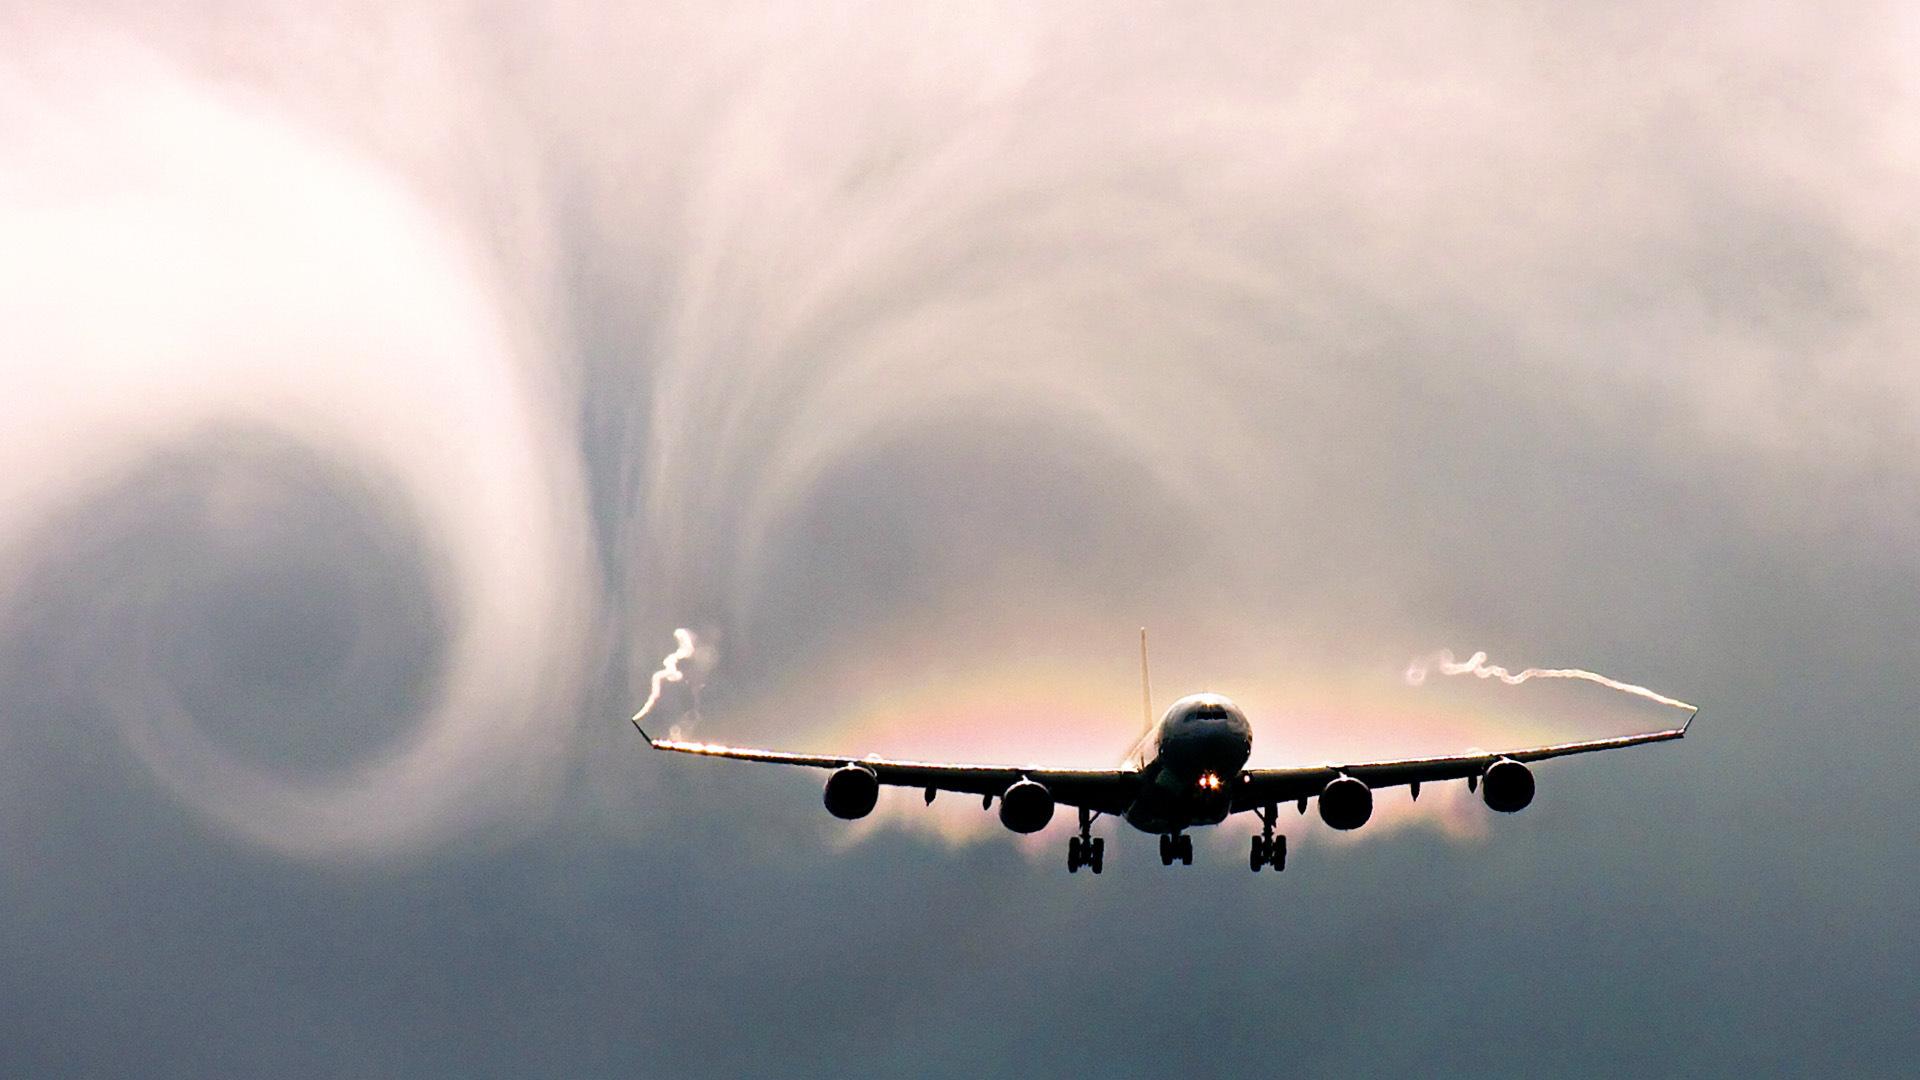 El cambio climático aumentará el riesgo de turbulencias graves en los aviones